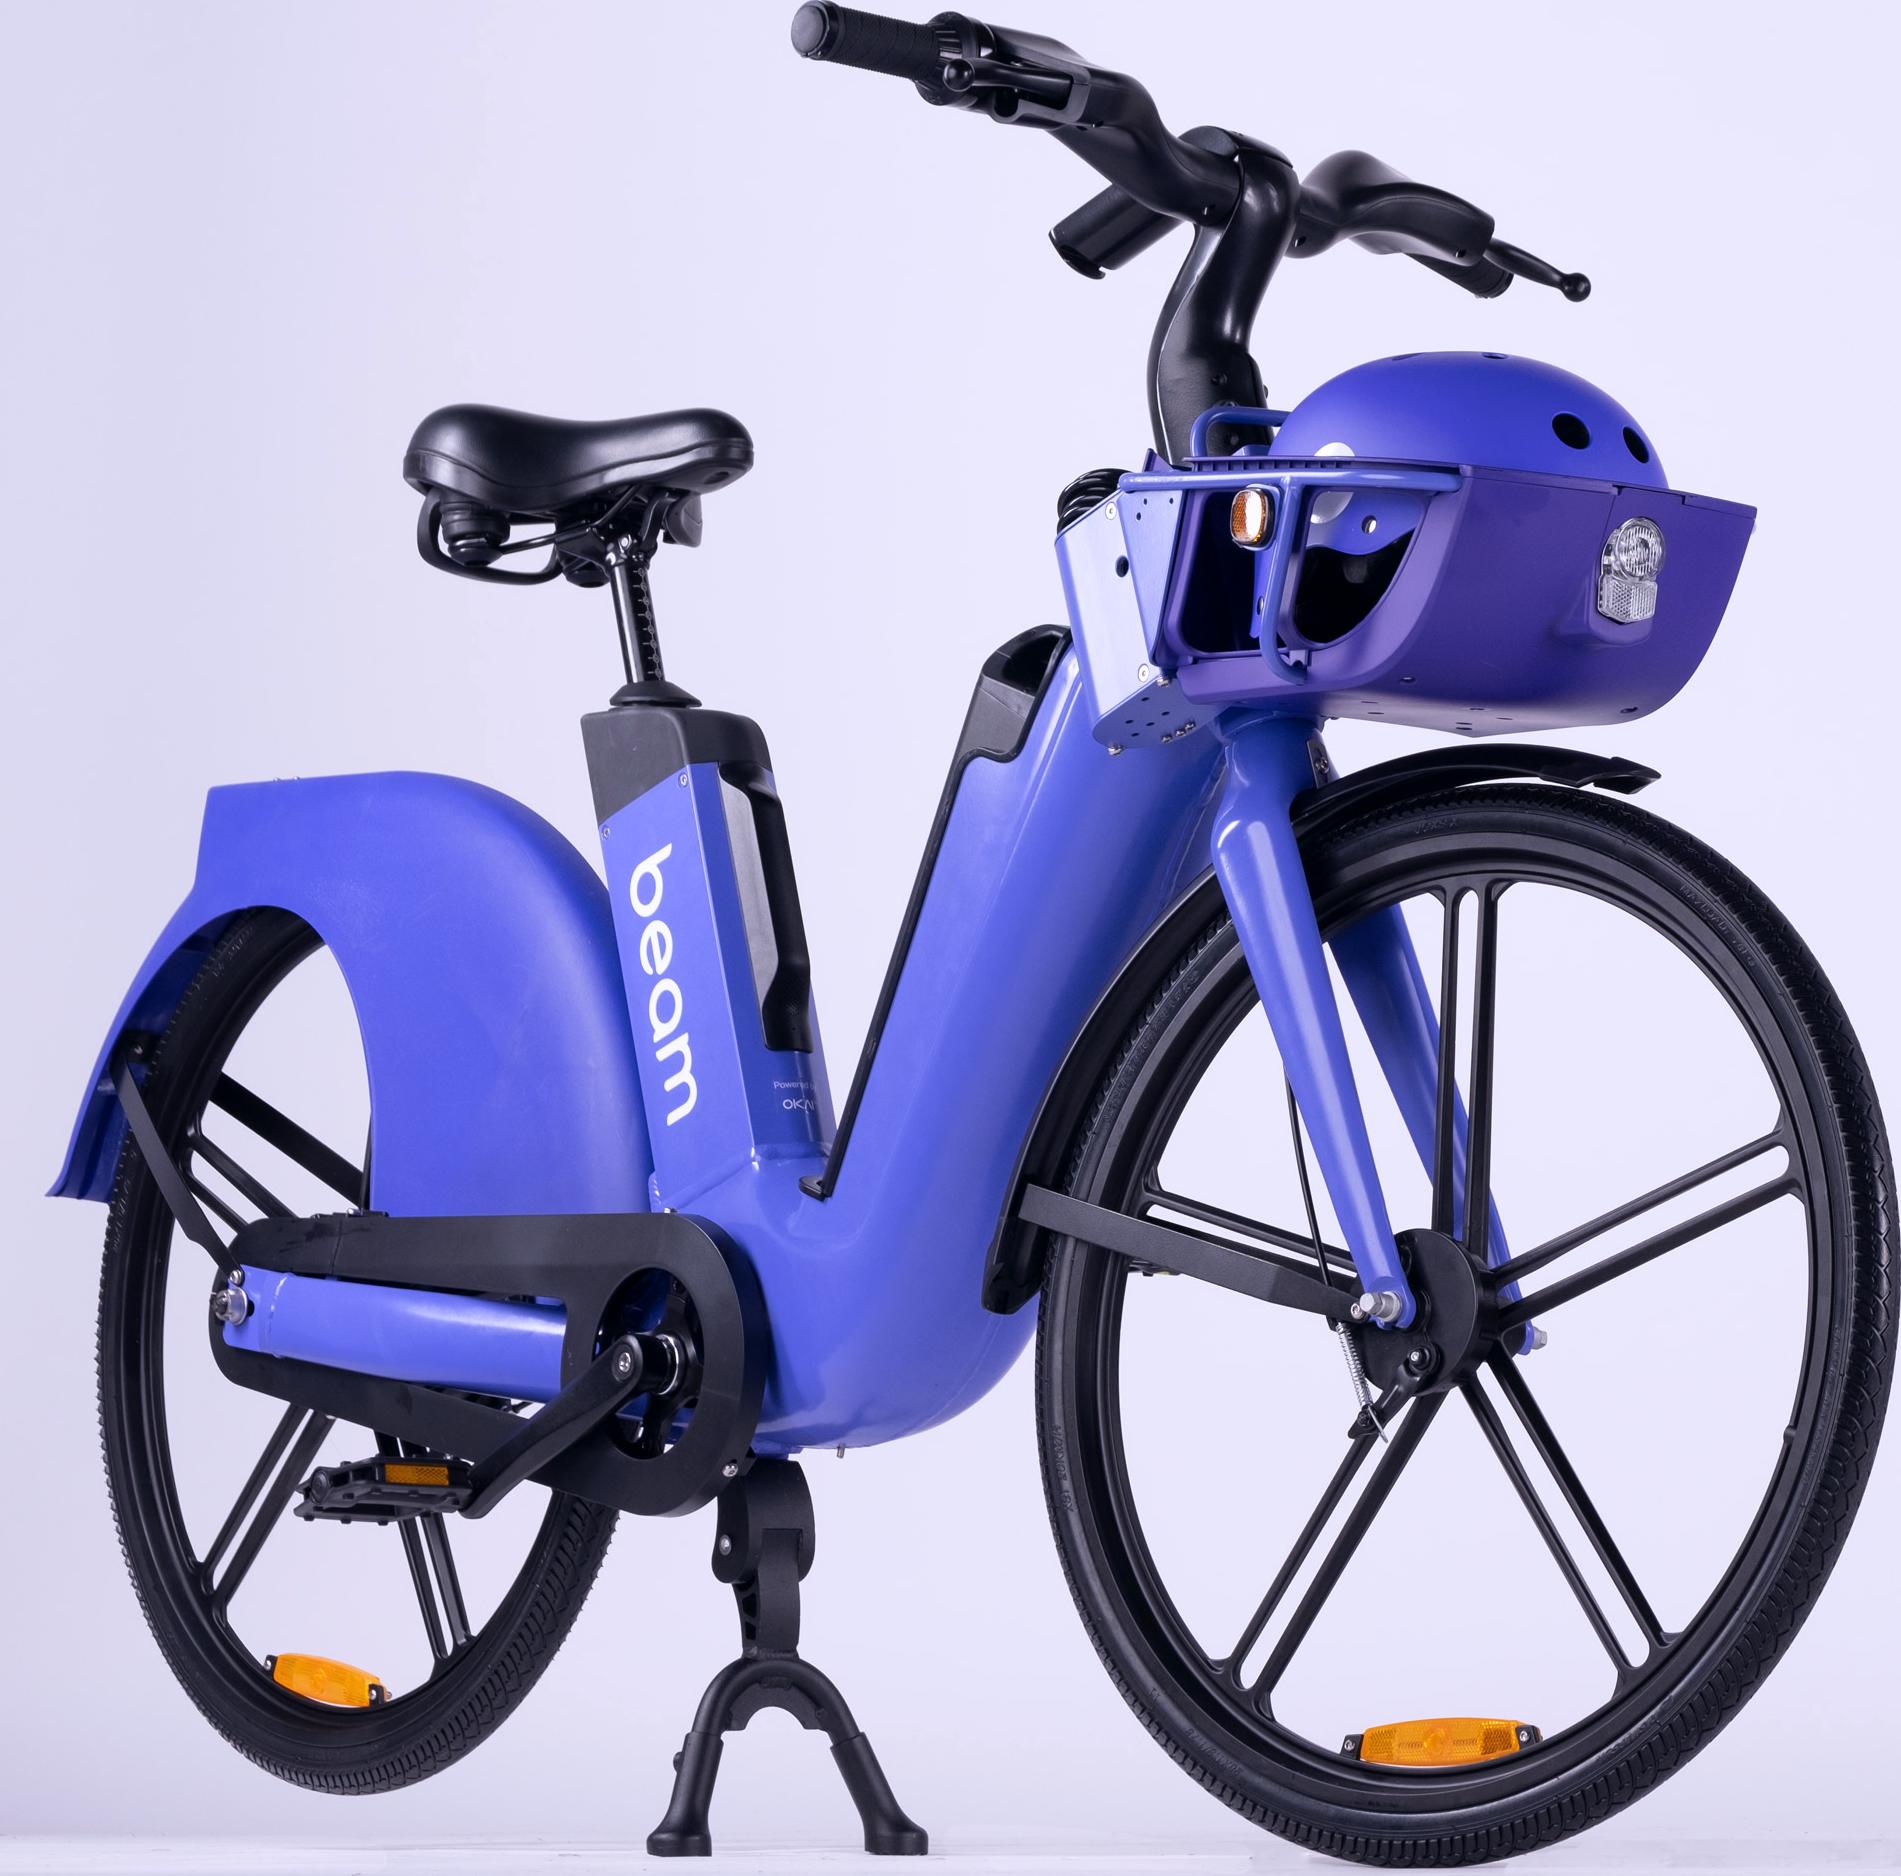 Beam Apollo Purple bike